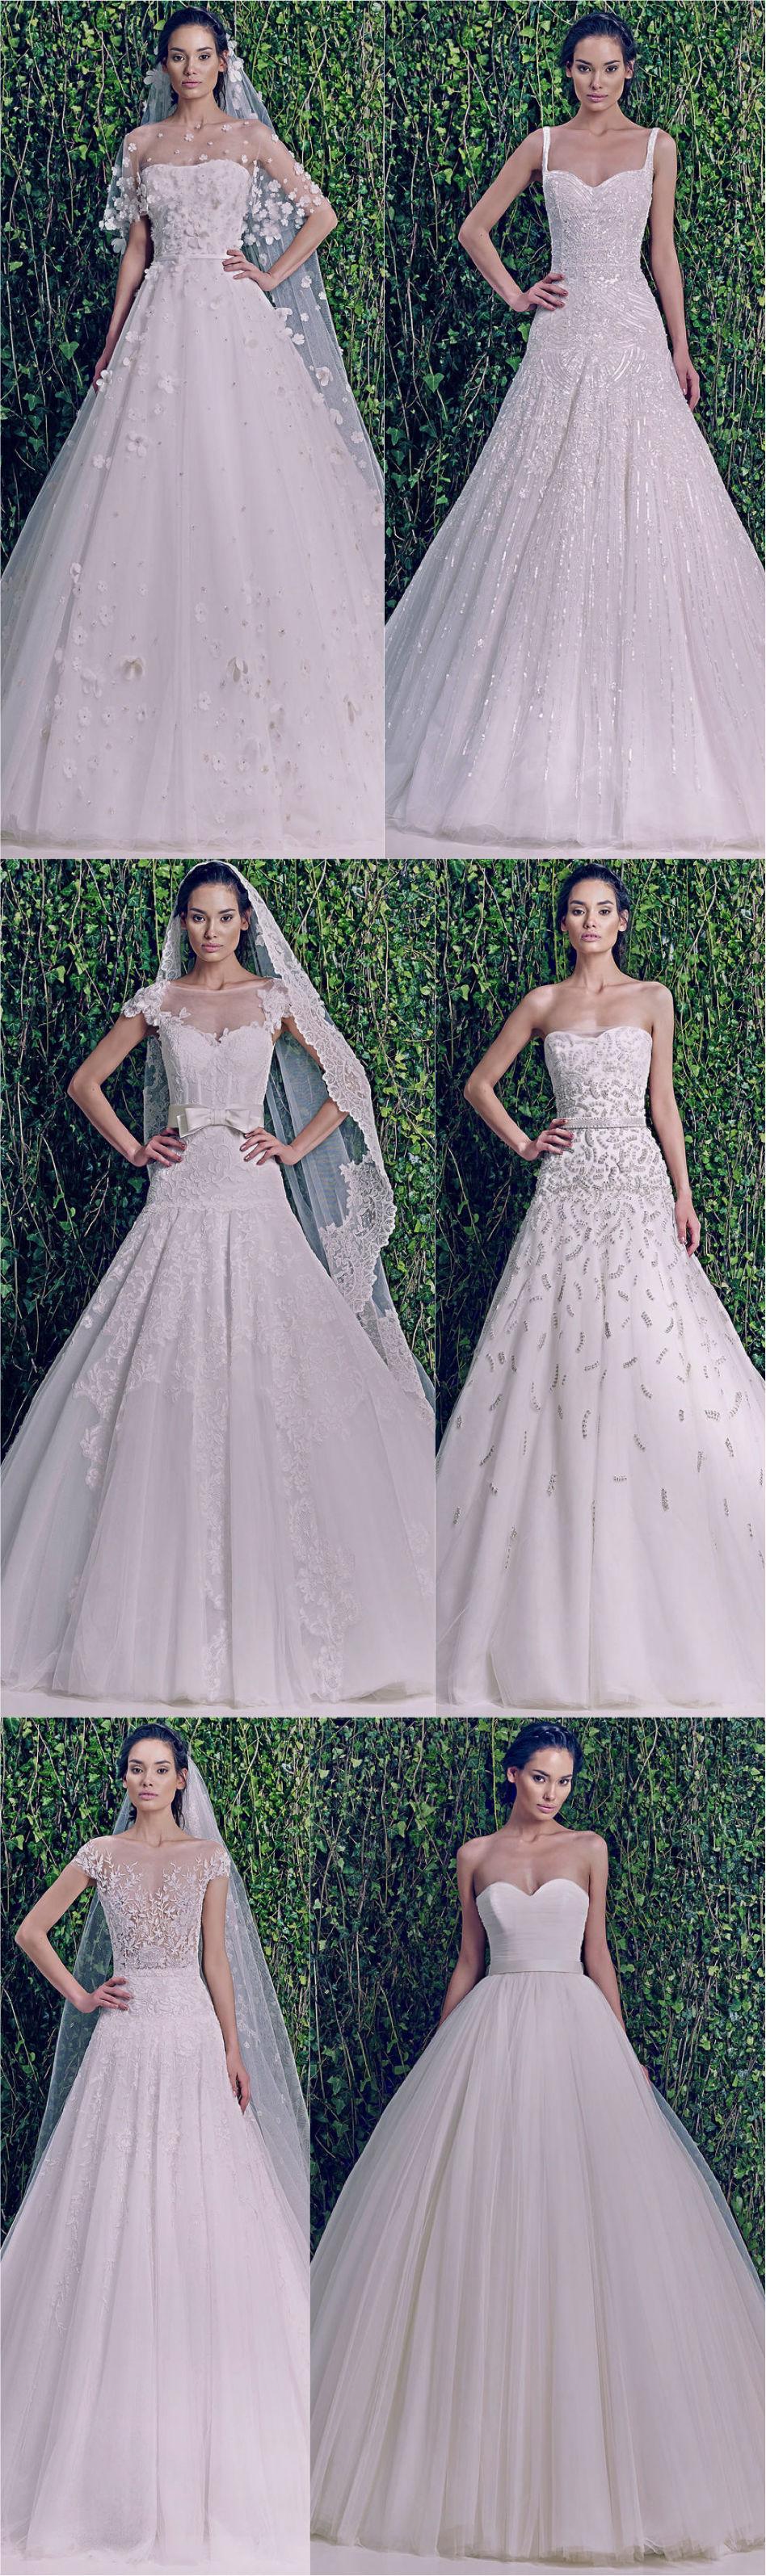 zuhair murad weddin dress noiva 1